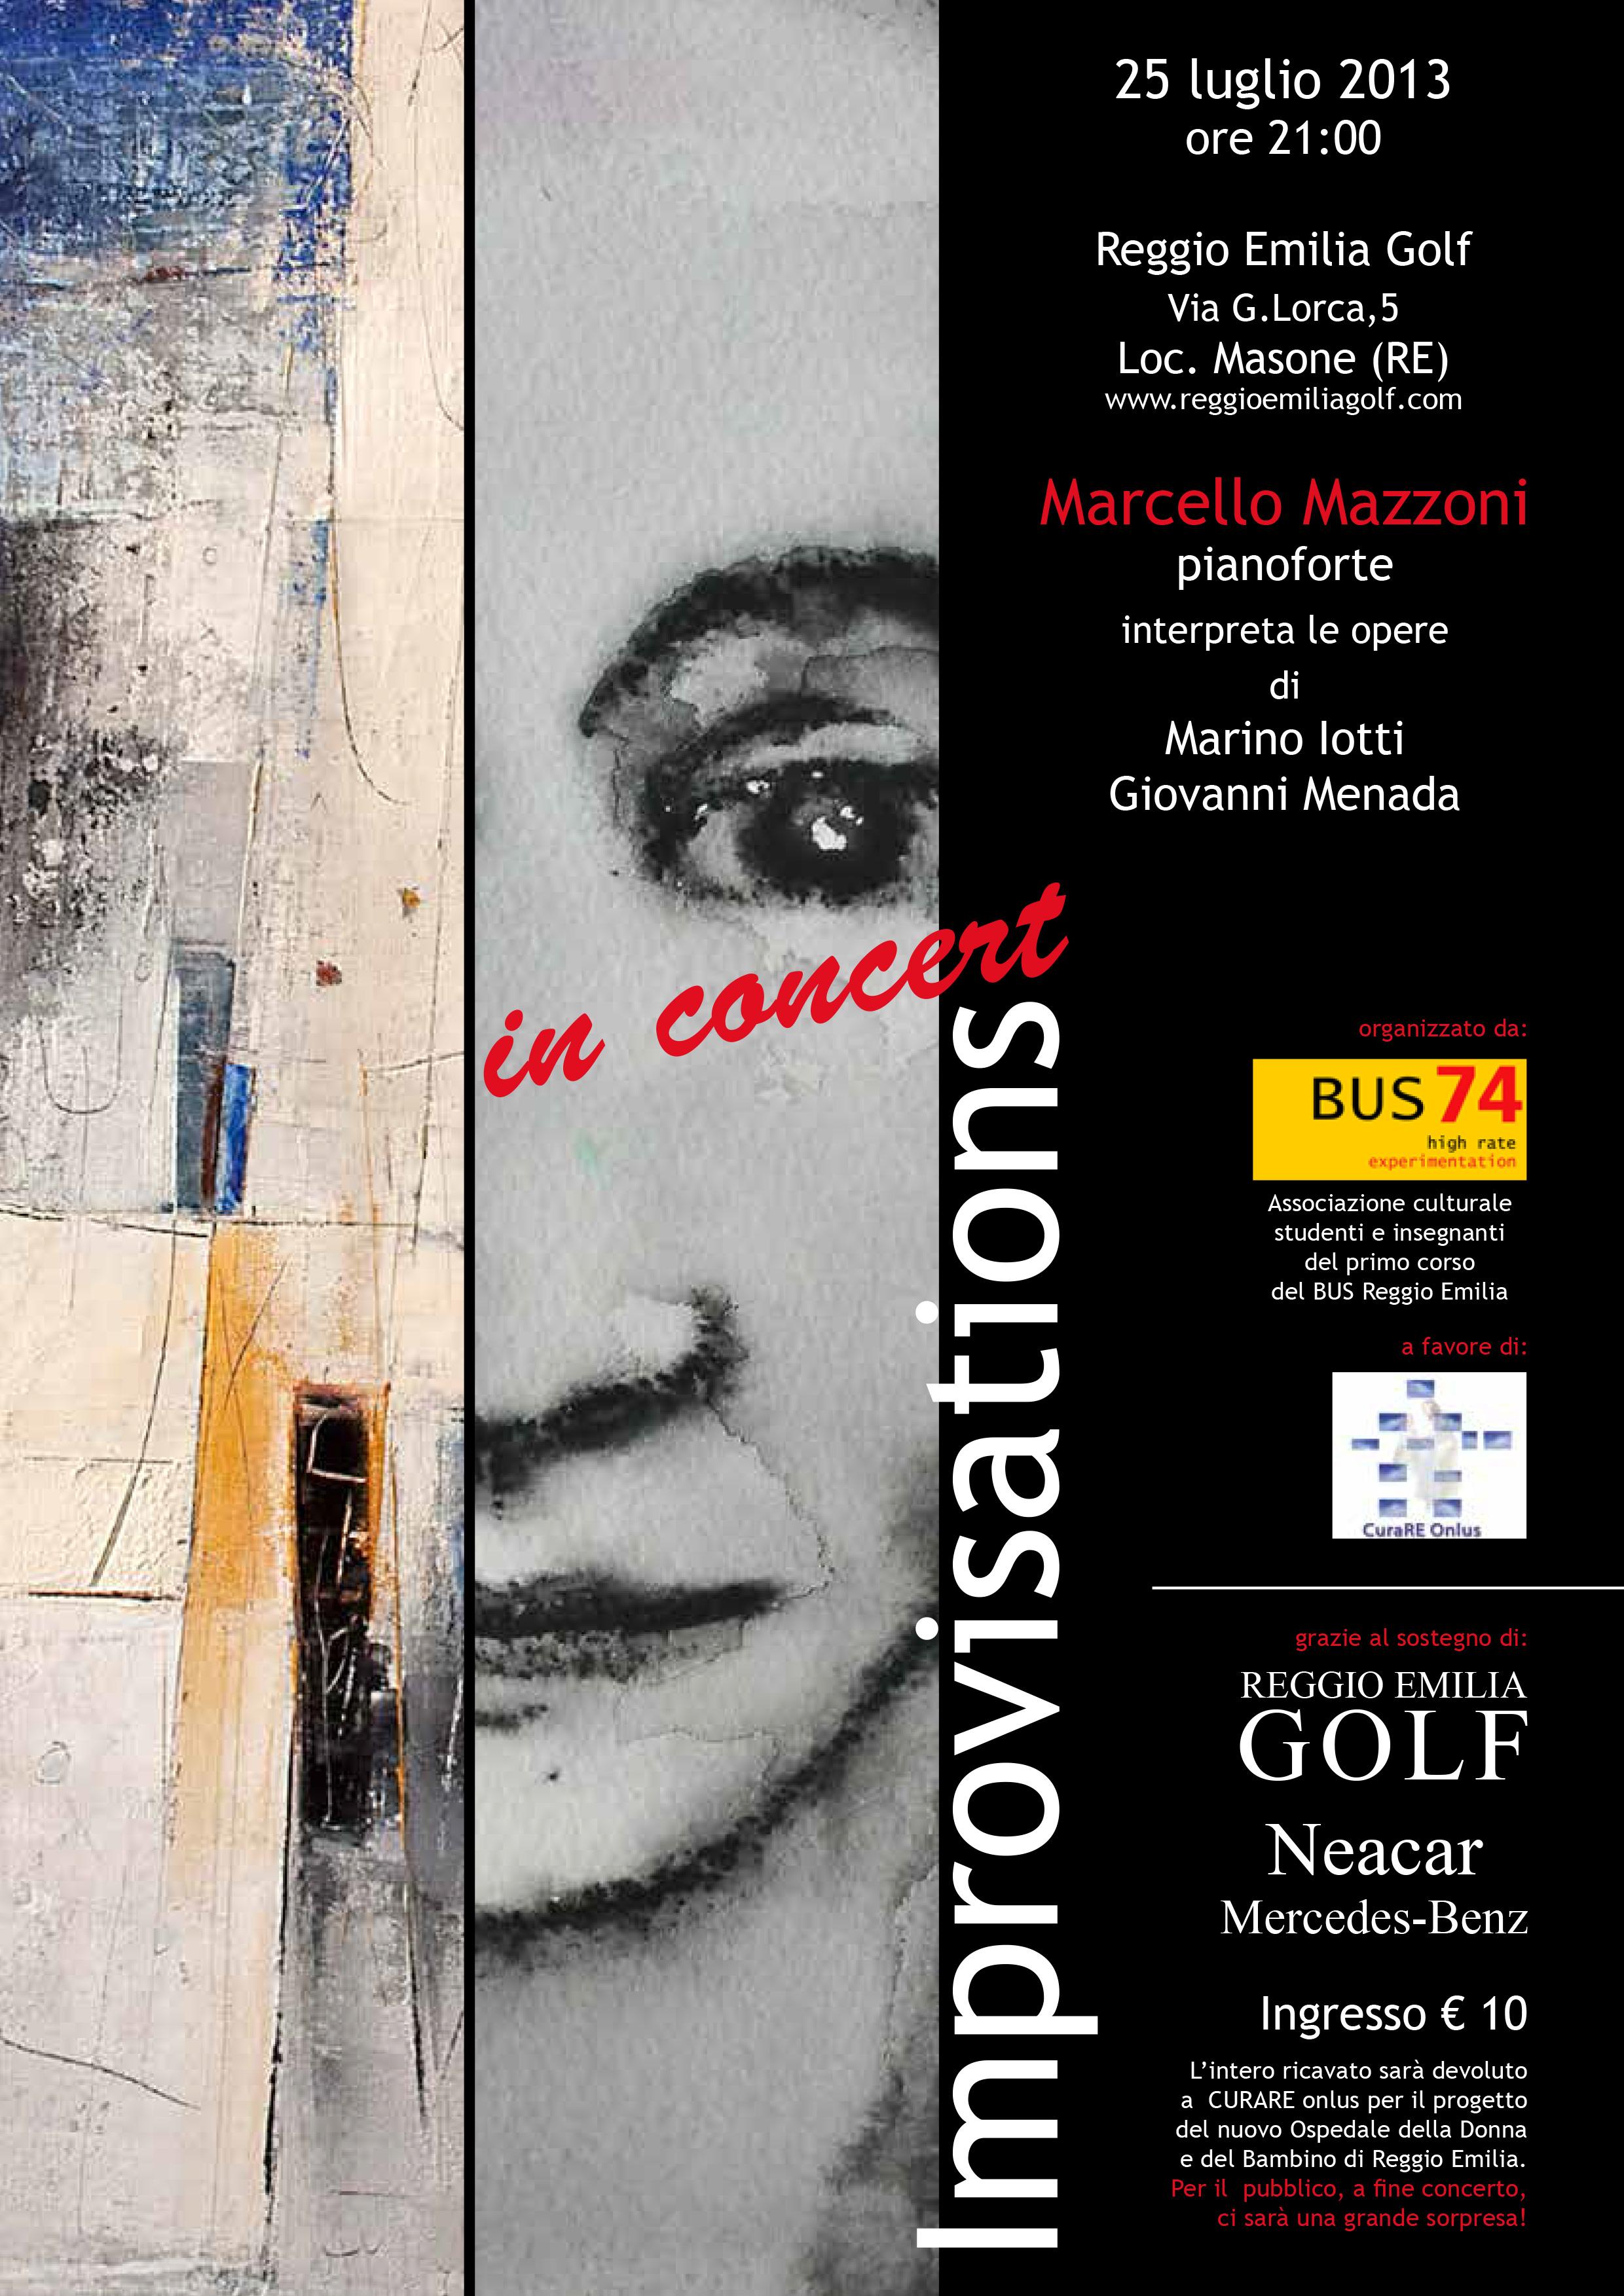 Marcello Mazzoni - Iotti Menada